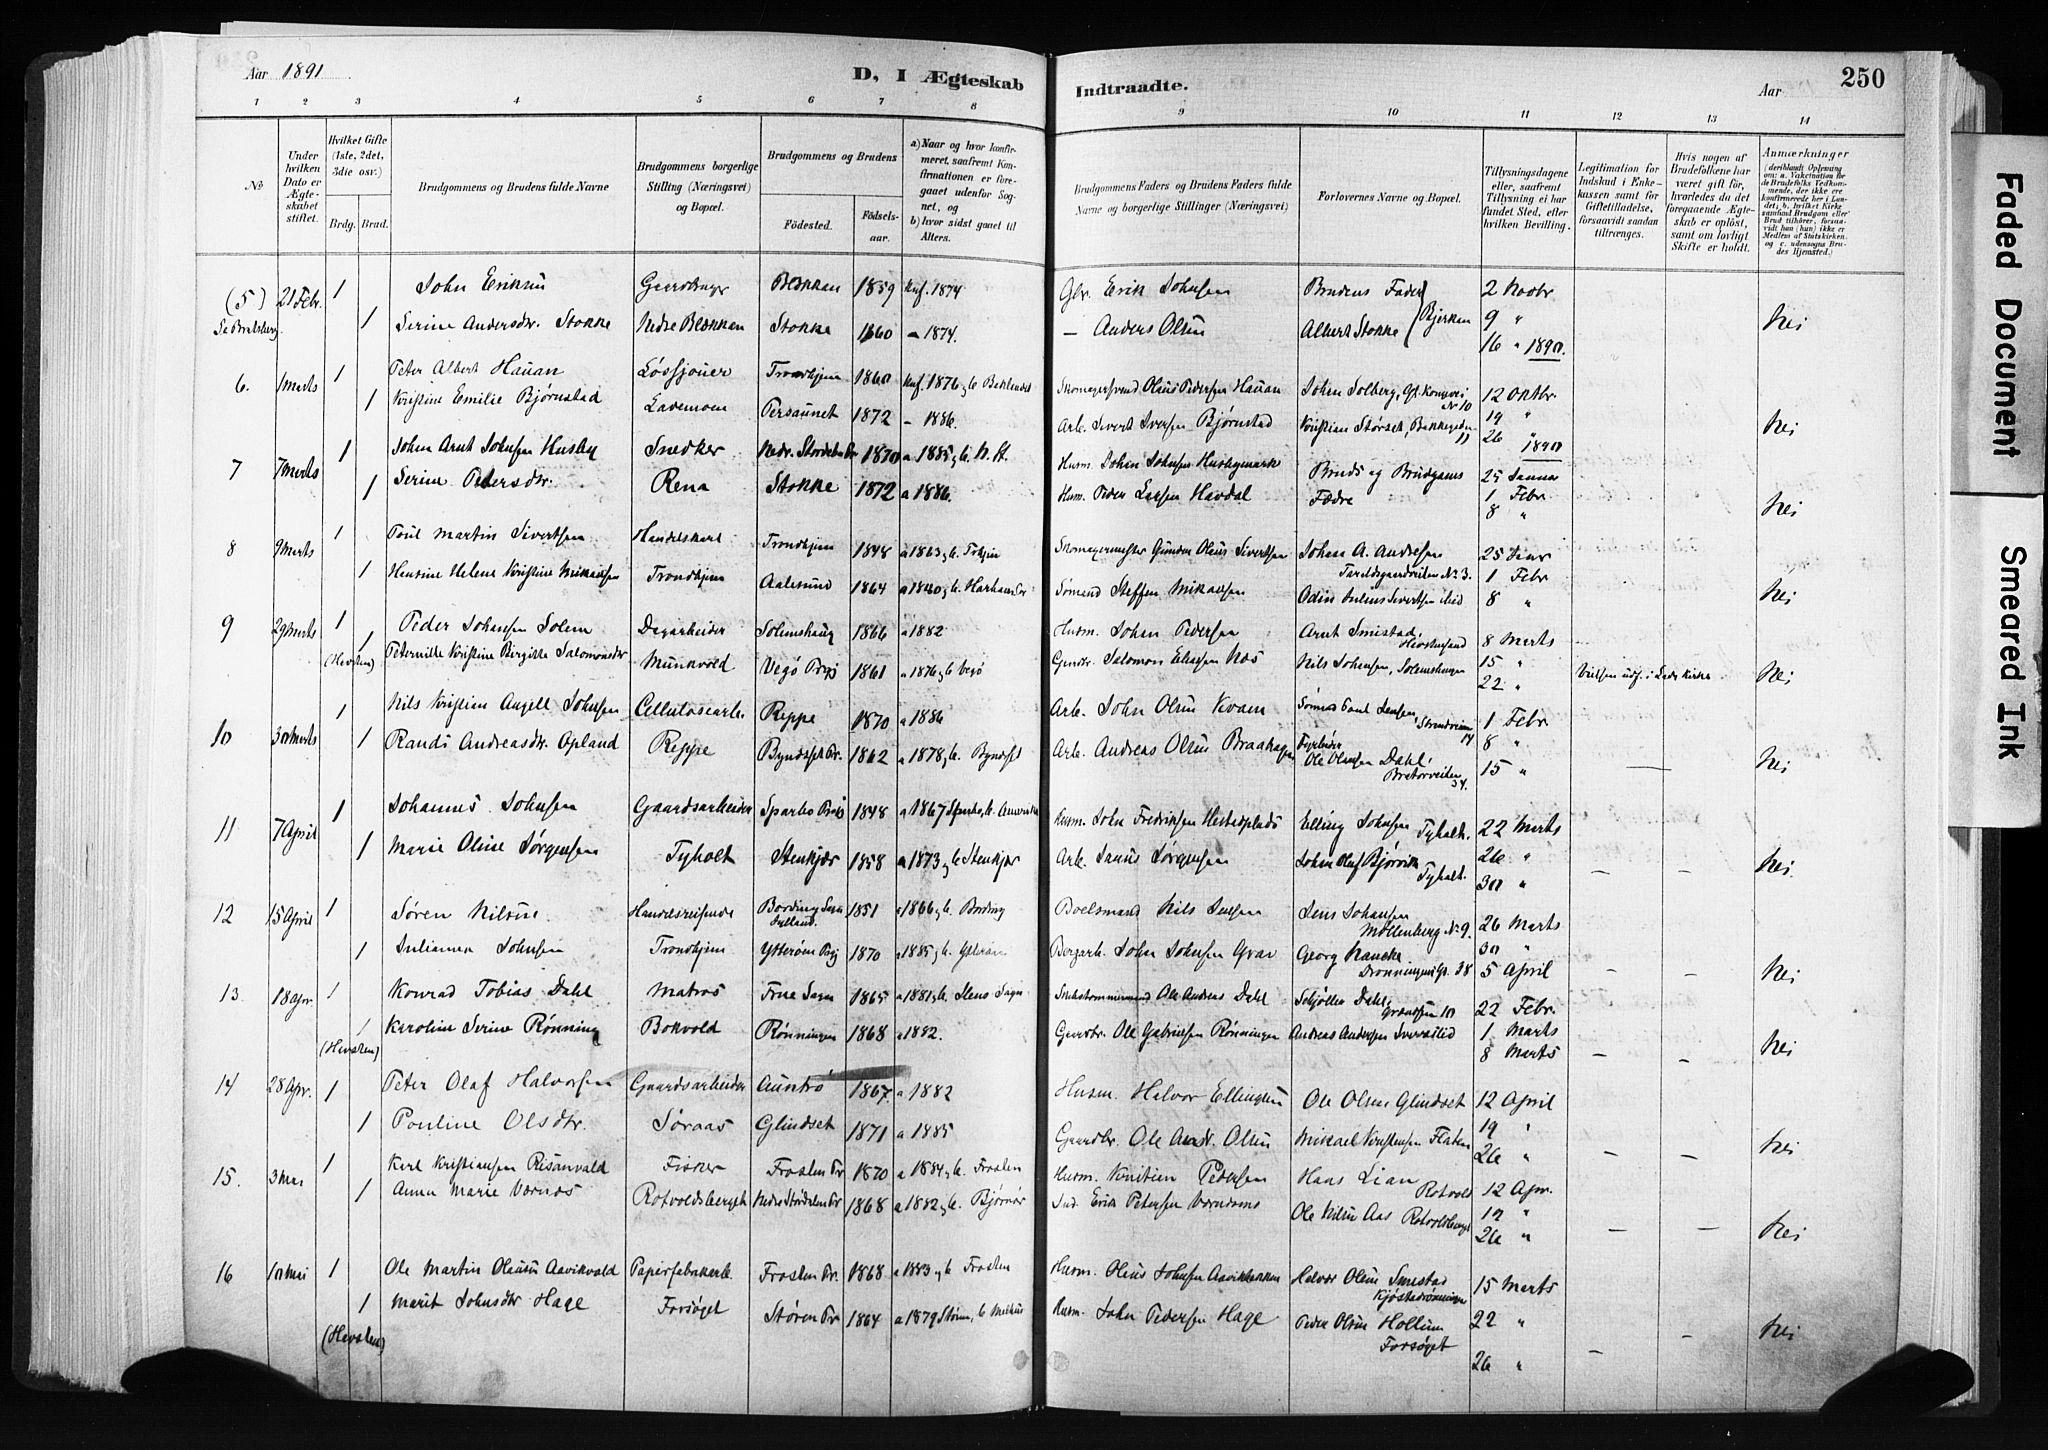 SAT, Ministerialprotokoller, klokkerbøker og fødselsregistre - Sør-Trøndelag, 606/L0300: Ministerialbok nr. 606A15, 1886-1893, s. 250